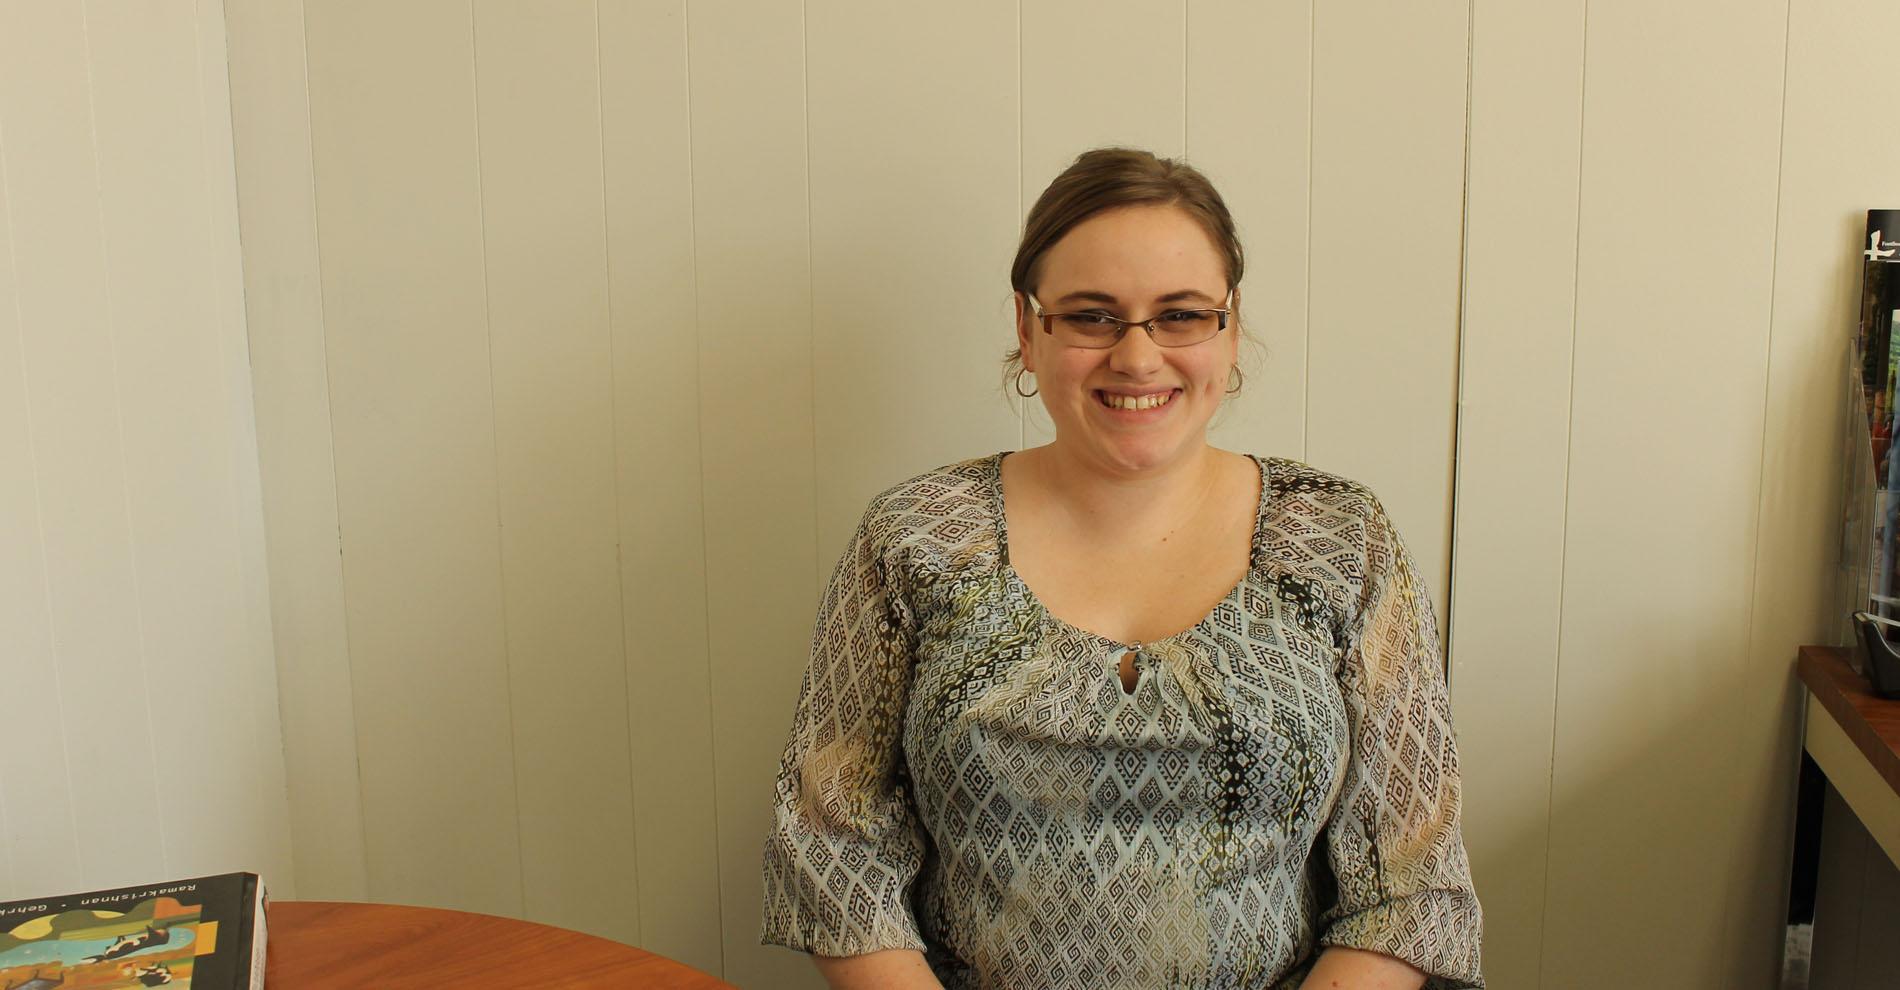 Samantha Warren, Ph.D.